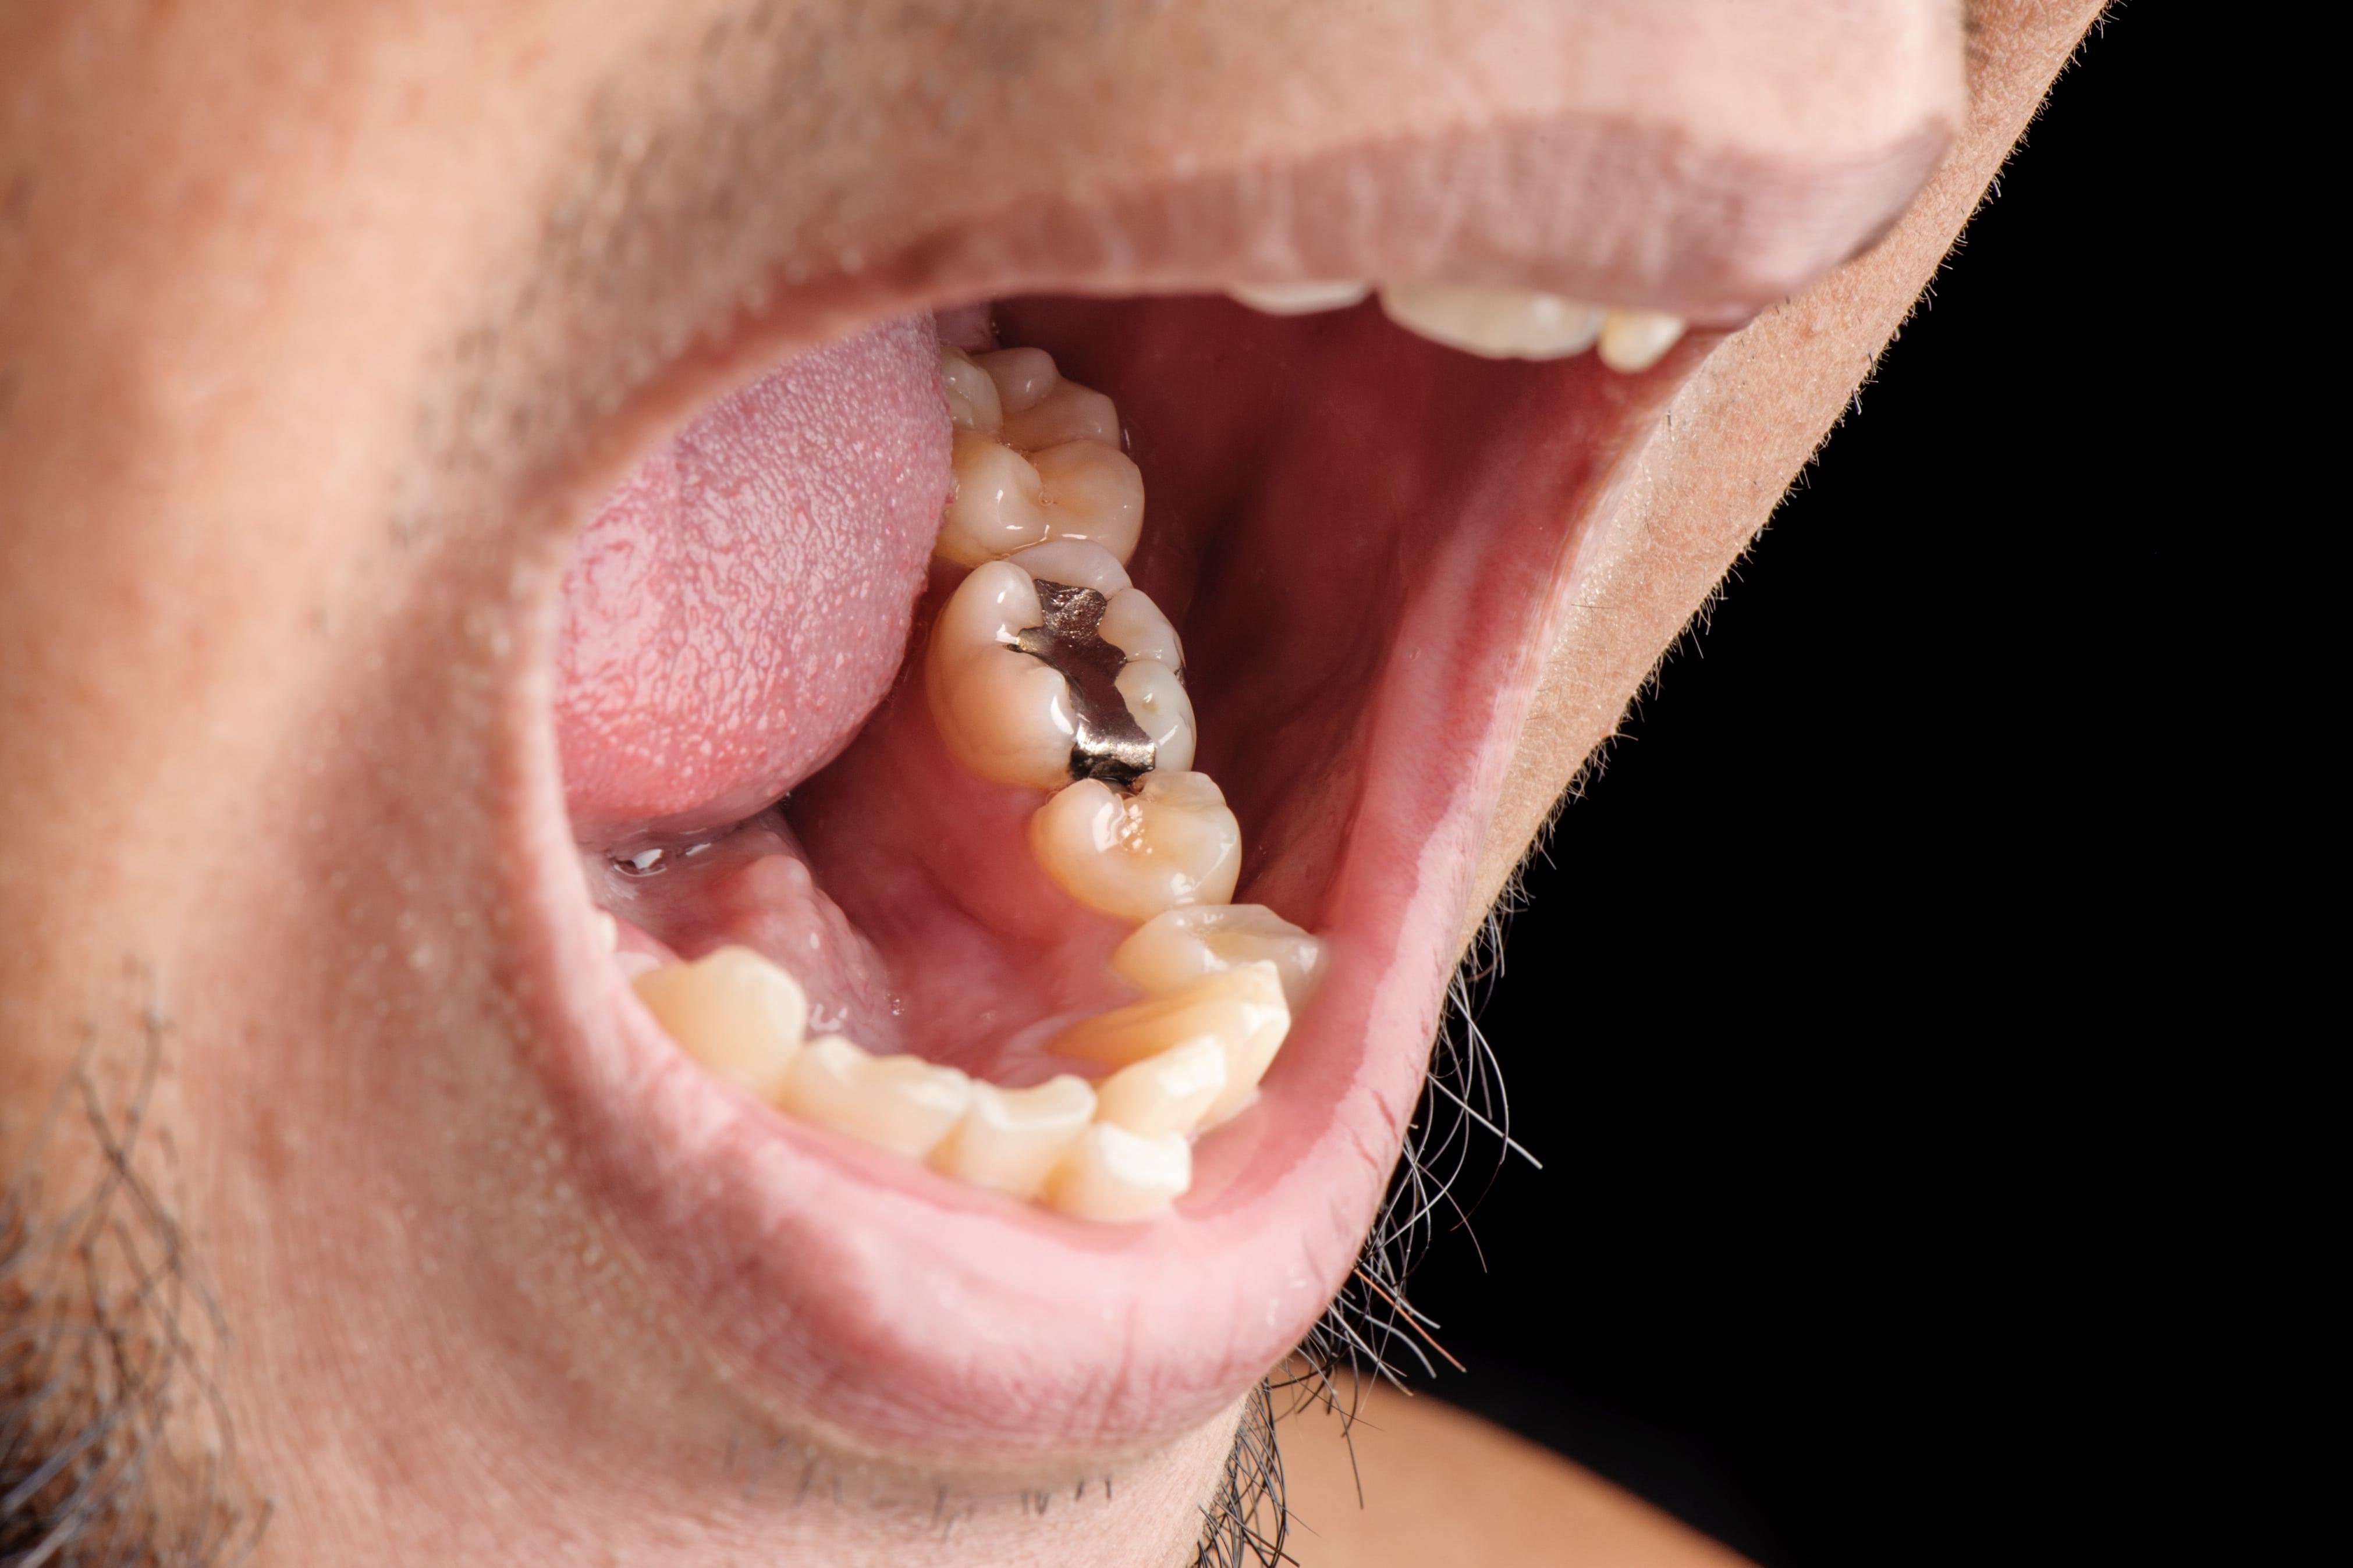 Mouth showing a Mercury Amalgam Dental Filling